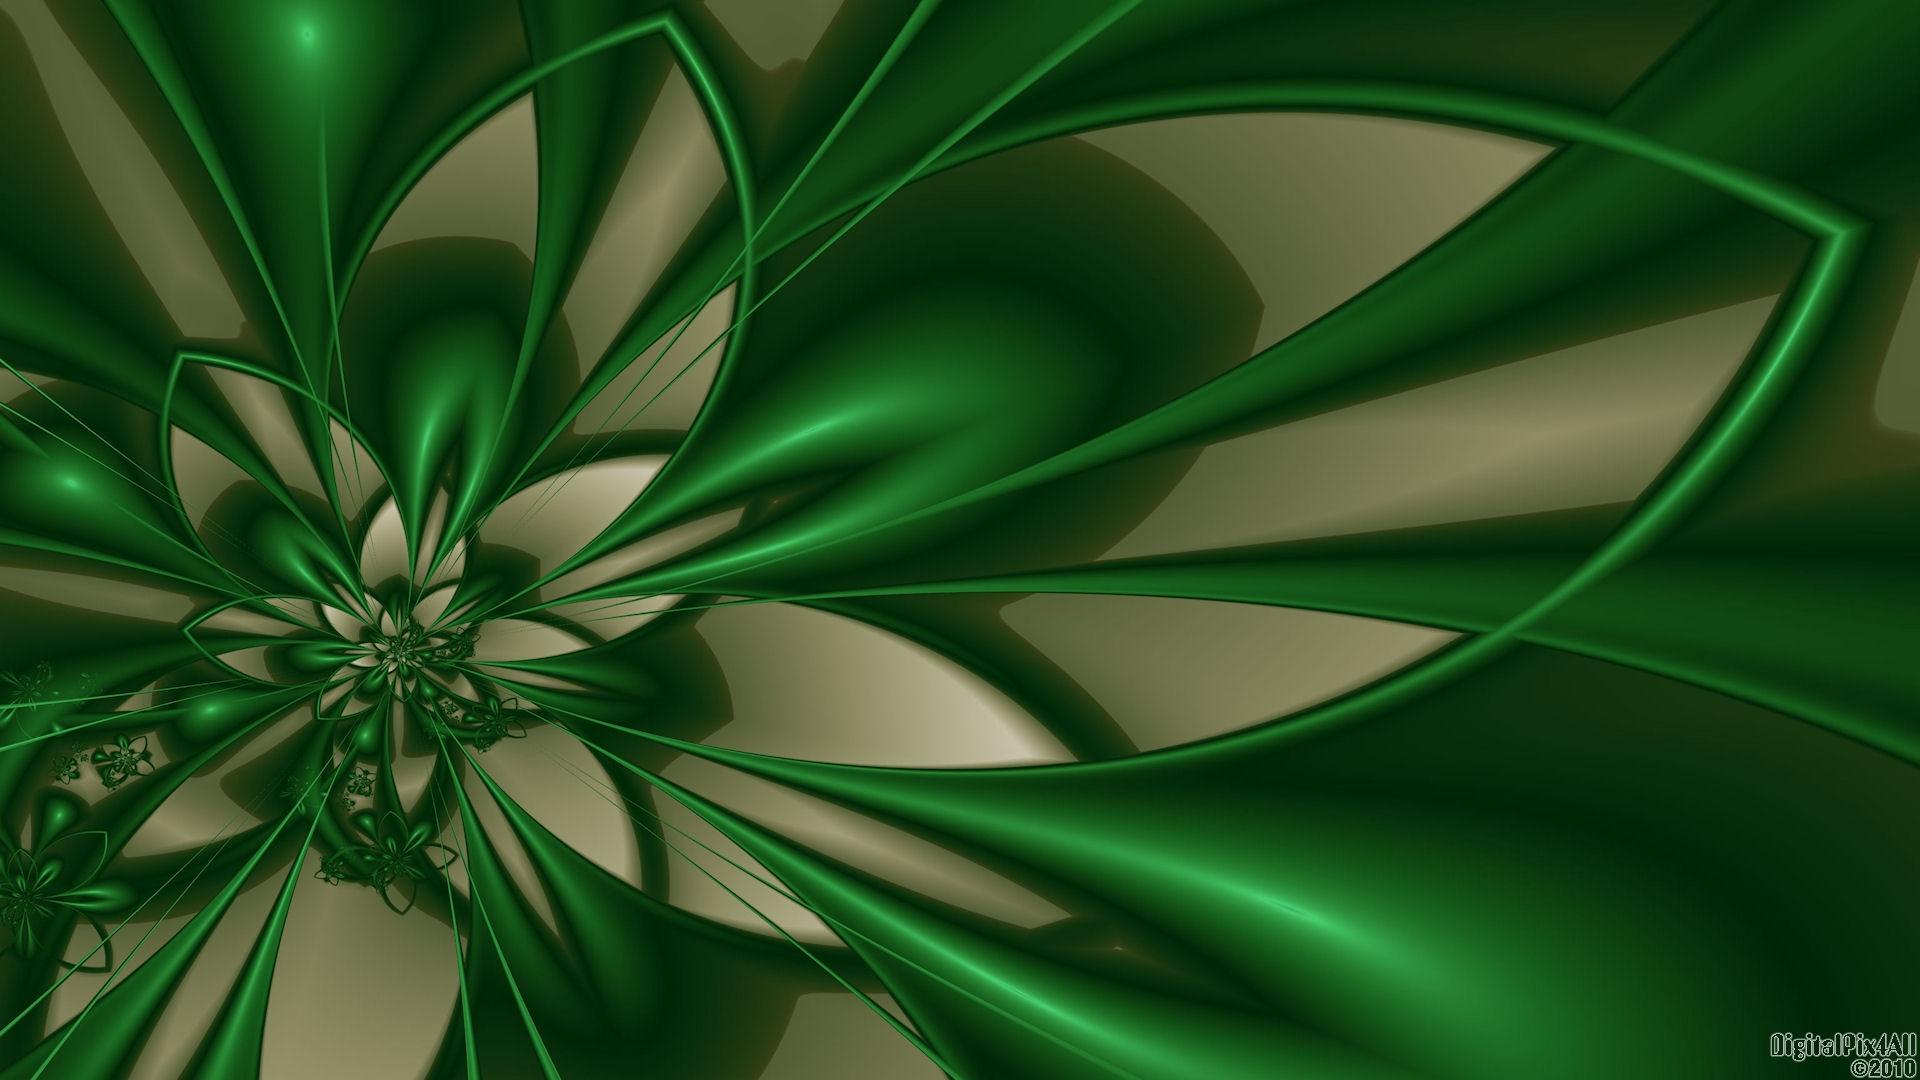 прораб сегодня картинки с зеленым черным и белым цветом это